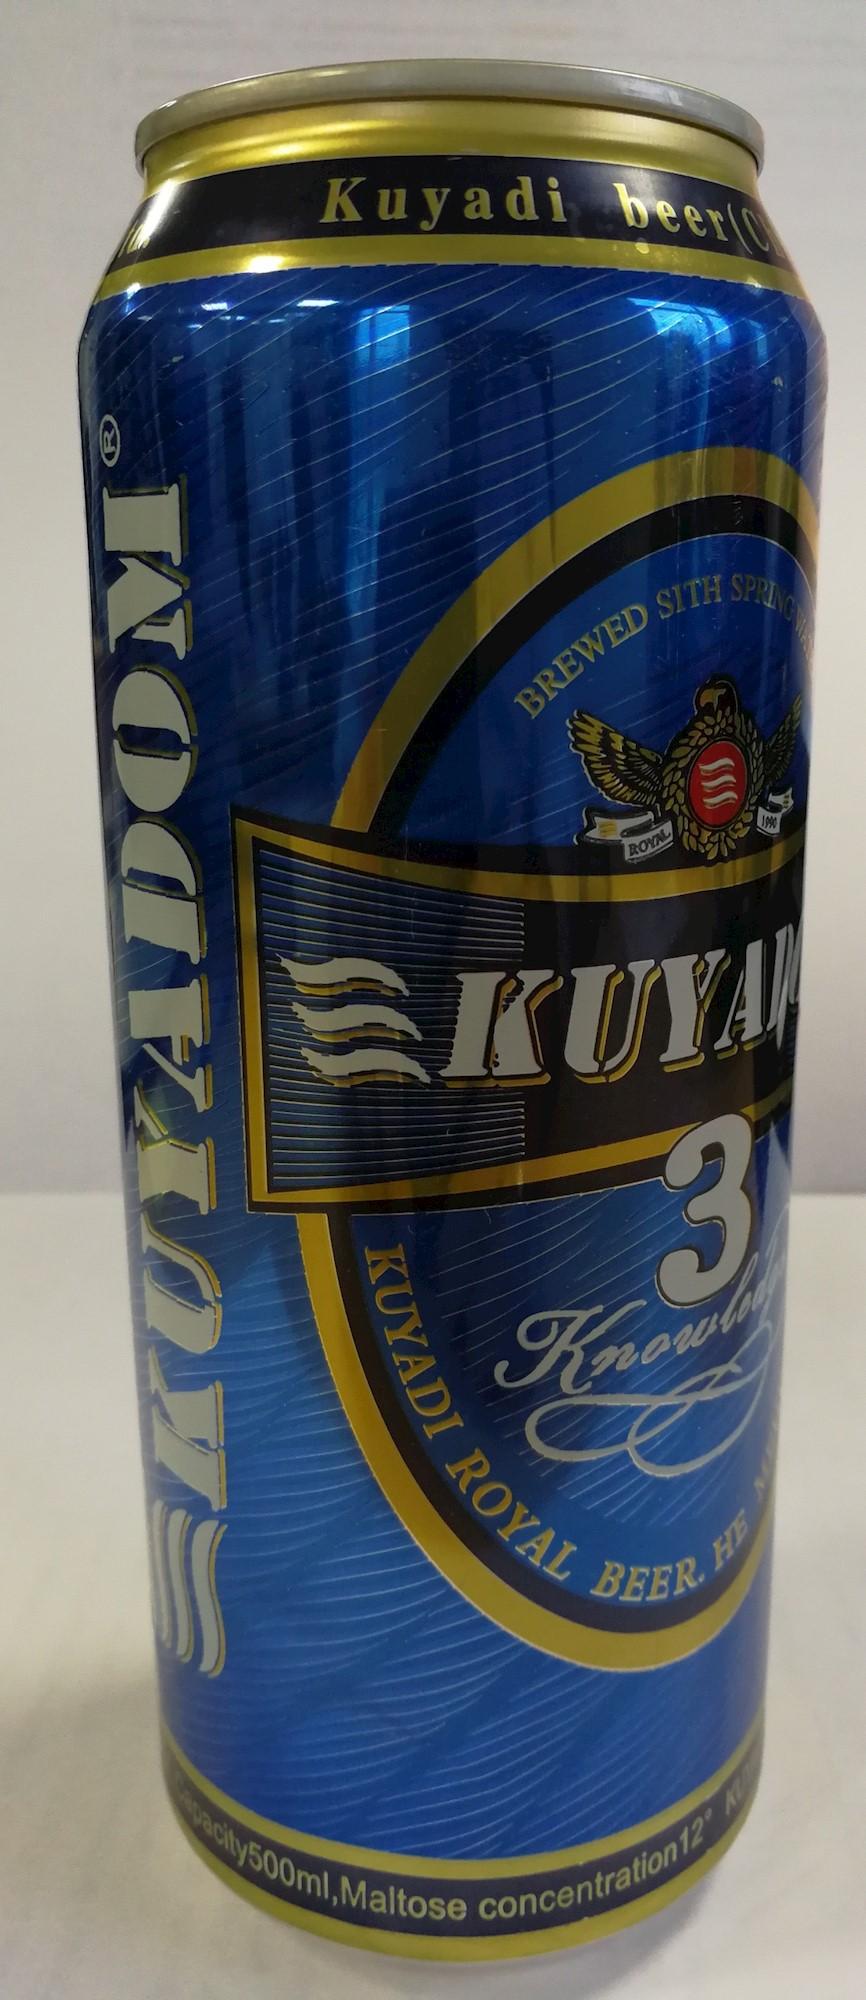 Пиво Kyuadom 3